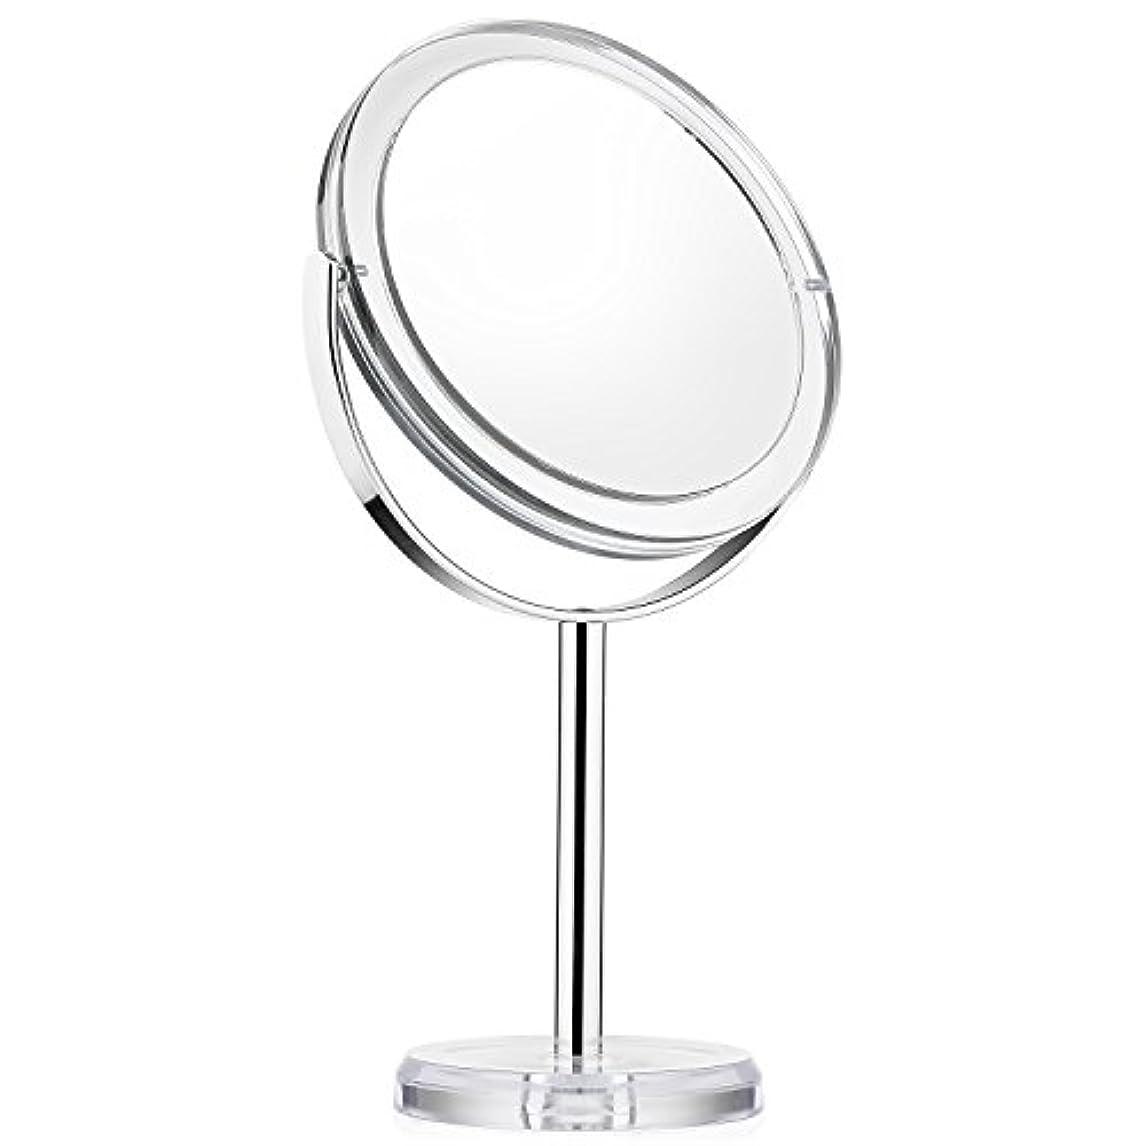 精巧な授業料混合化粧ミラー Beautifive 鏡 卓上 化粧鏡 メイクミラー 卓上ミラー スタンドミラー卓上 等倍卓上両面鏡 卓上鏡 7倍拡大スタンドミラー 360°回転可 光学レズン高解像度